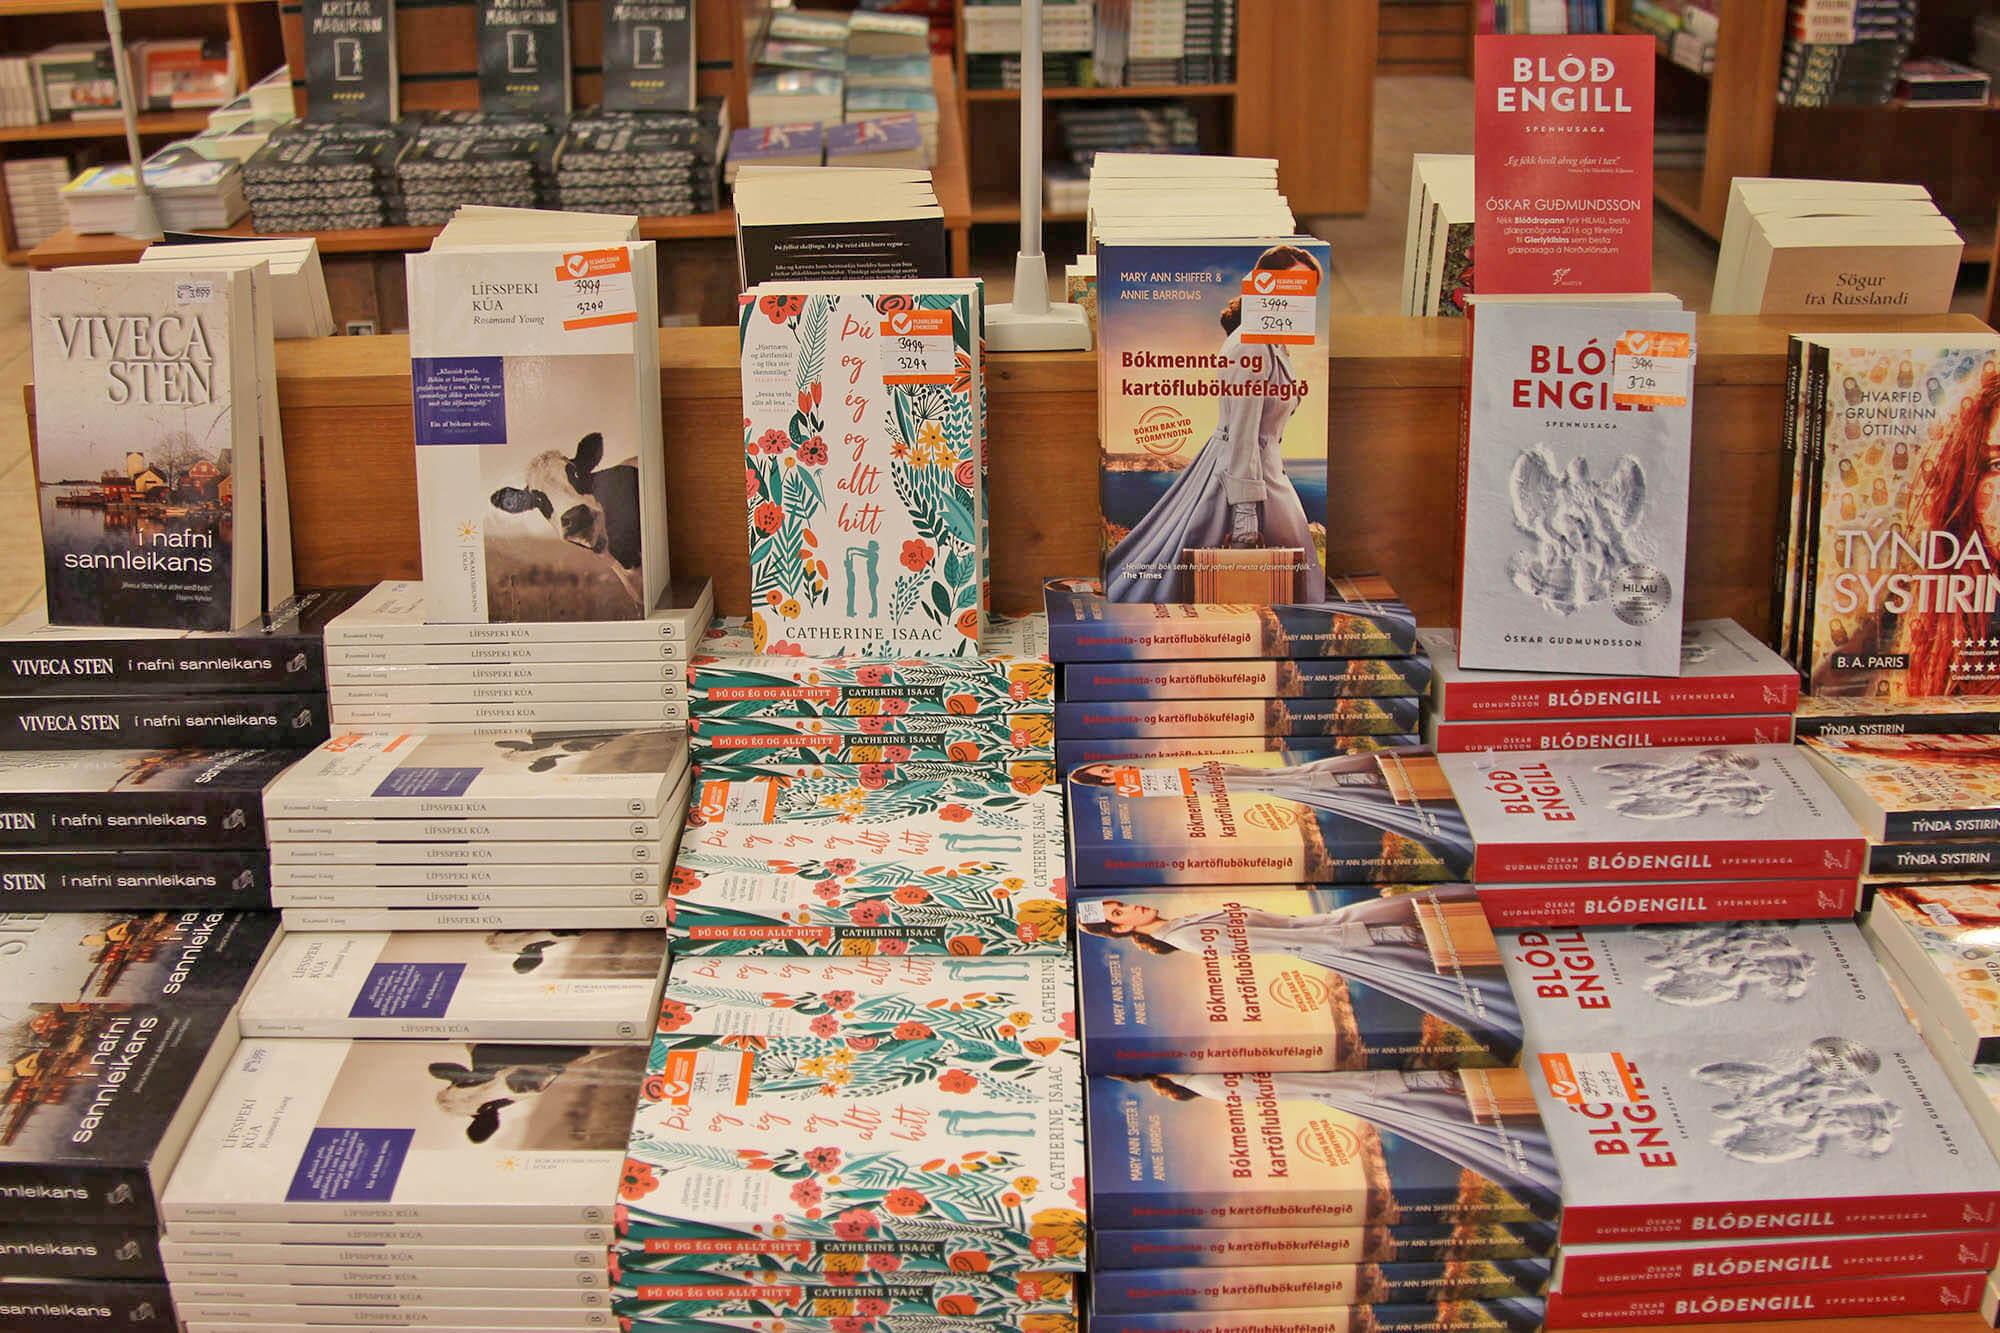 Иногда в книжном магазине бывают скидки, но редко